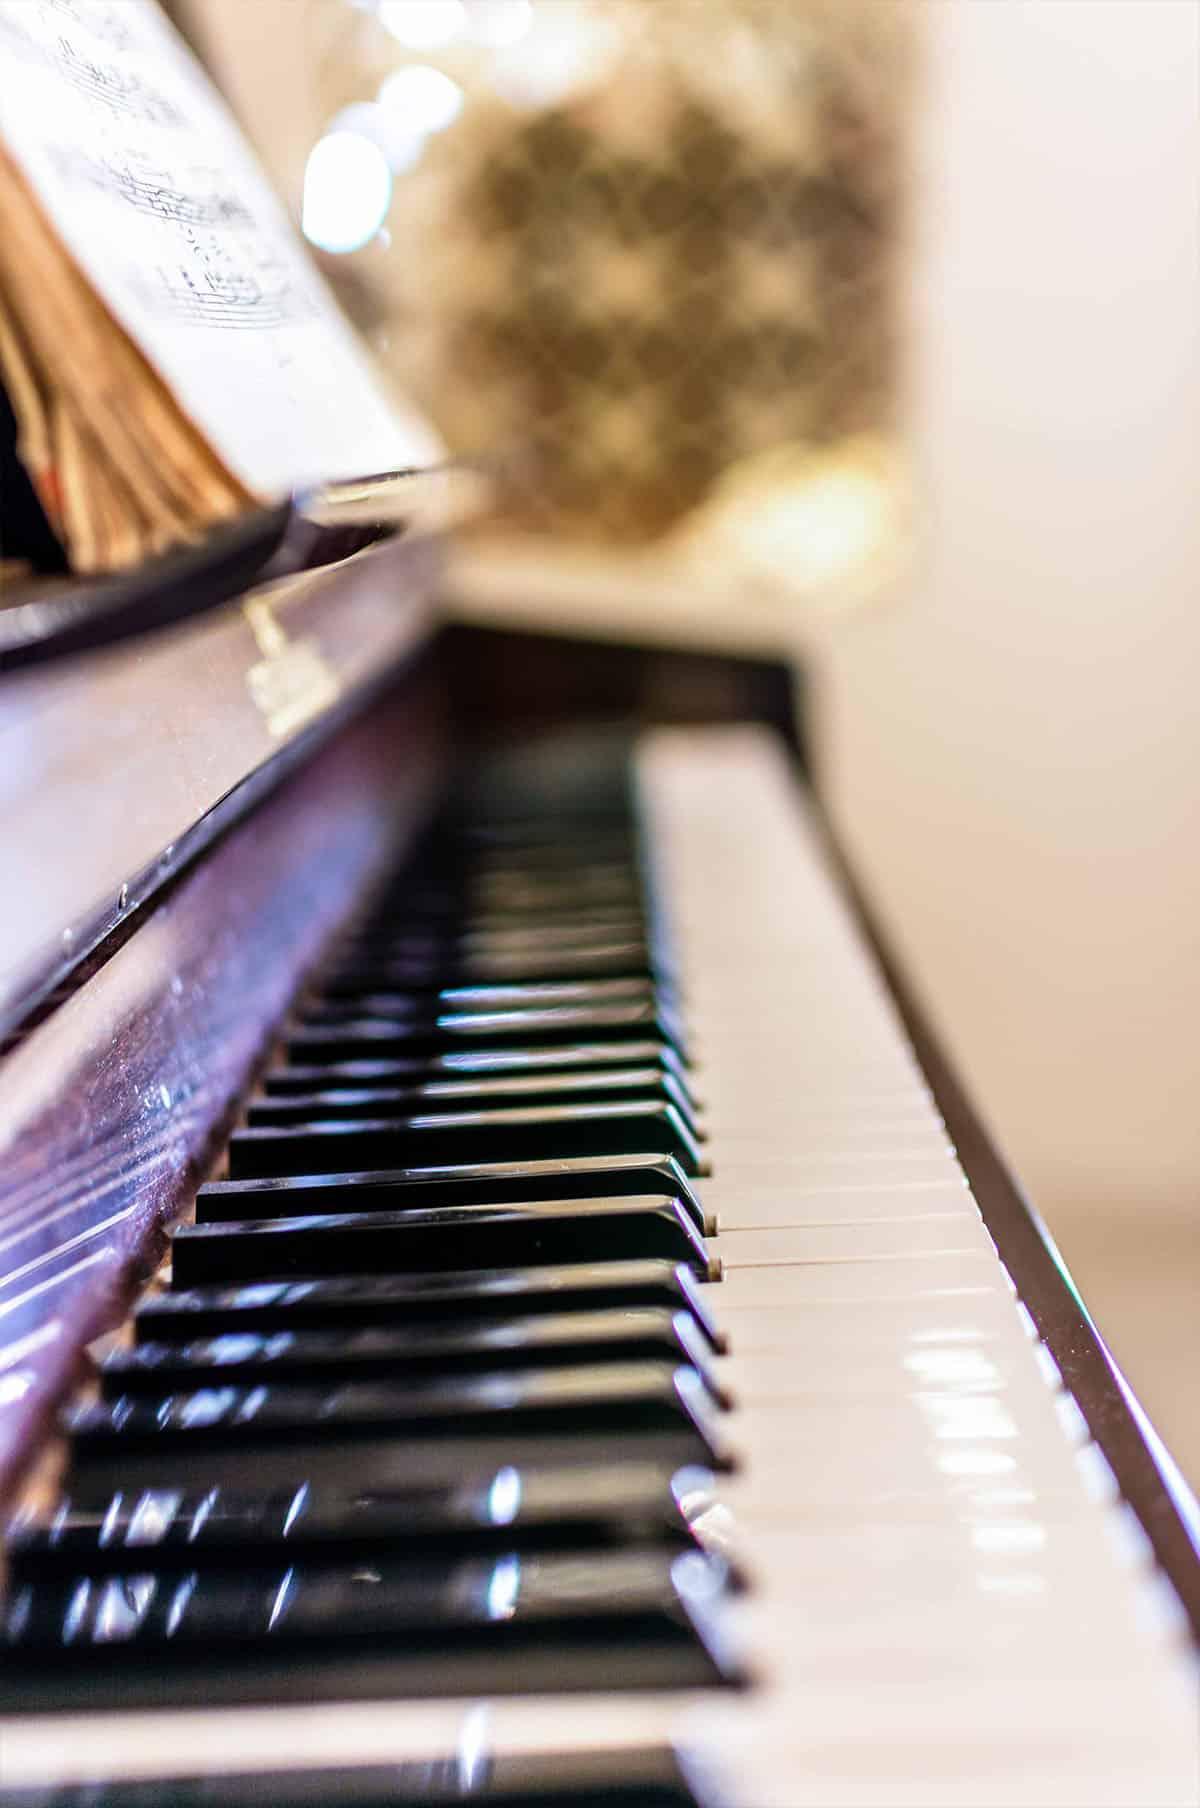 פסנתר בדירה ברעננה על רקע של קיר המשרביות - שירית דרמן מעצבת פנים